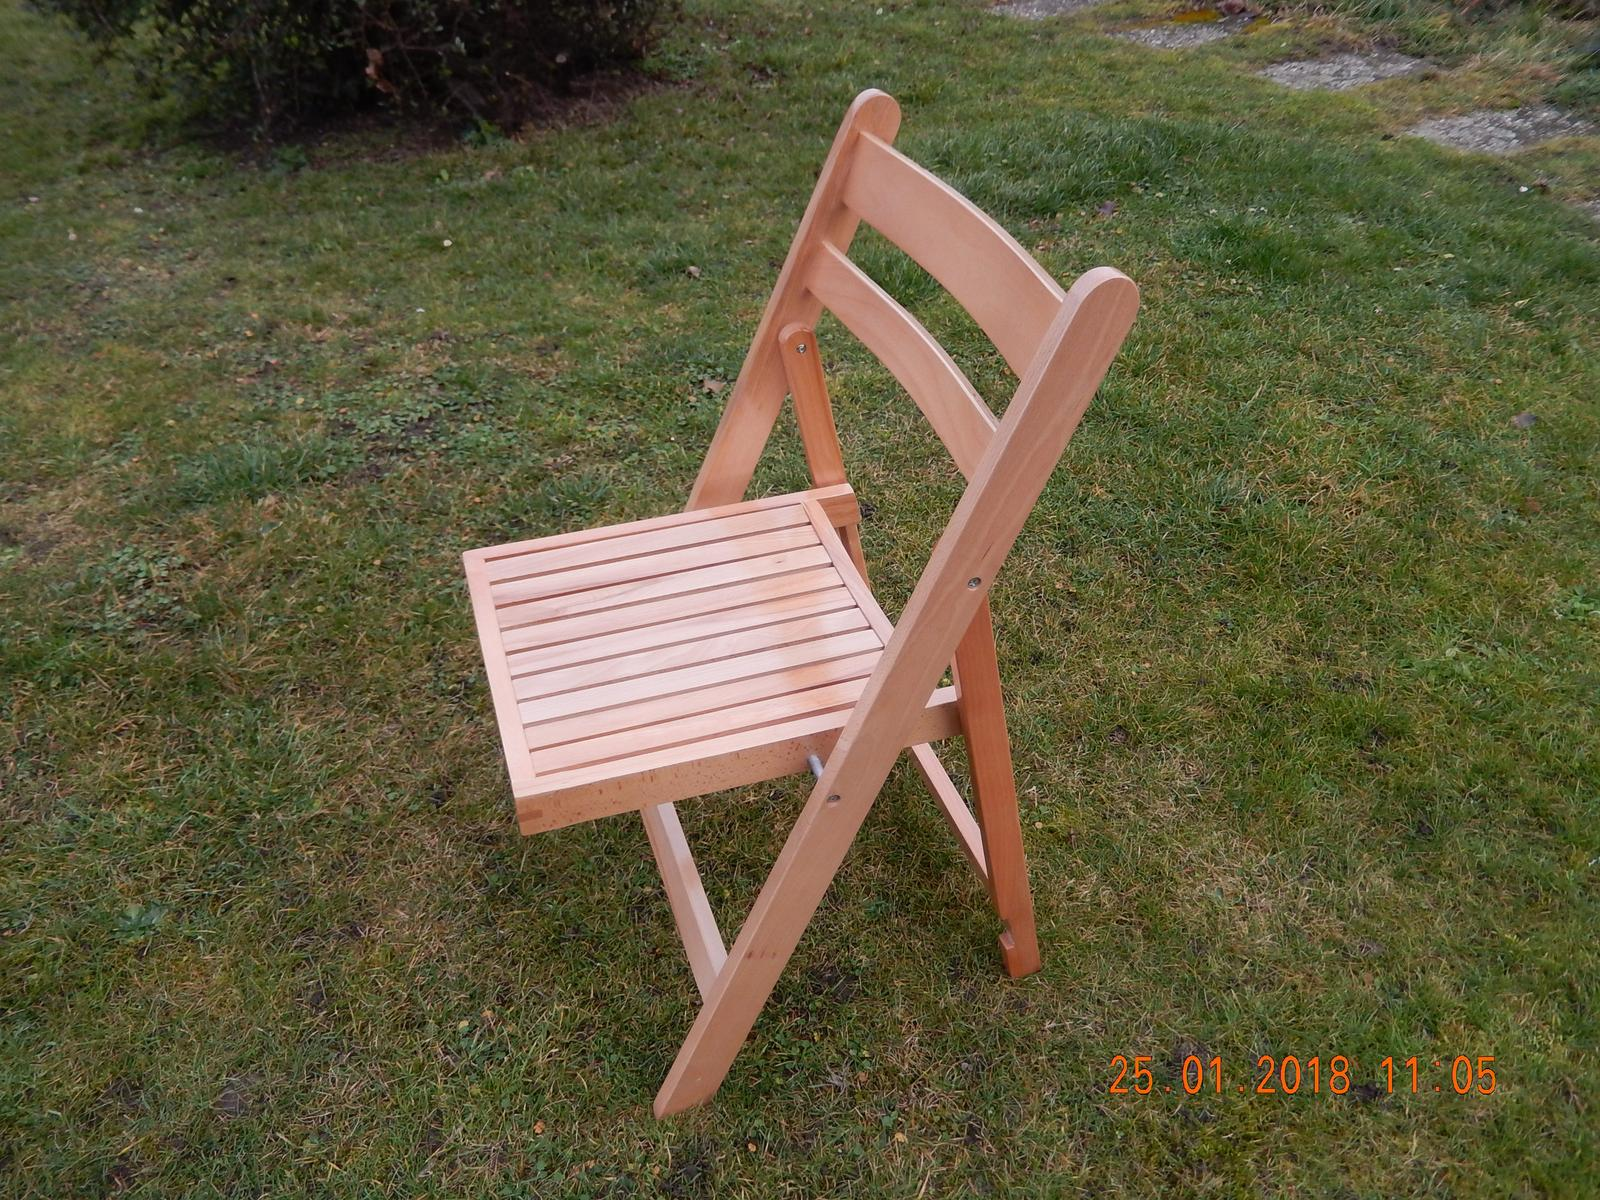 Půjčení dřevěných židlí. - Obrázek č. 1